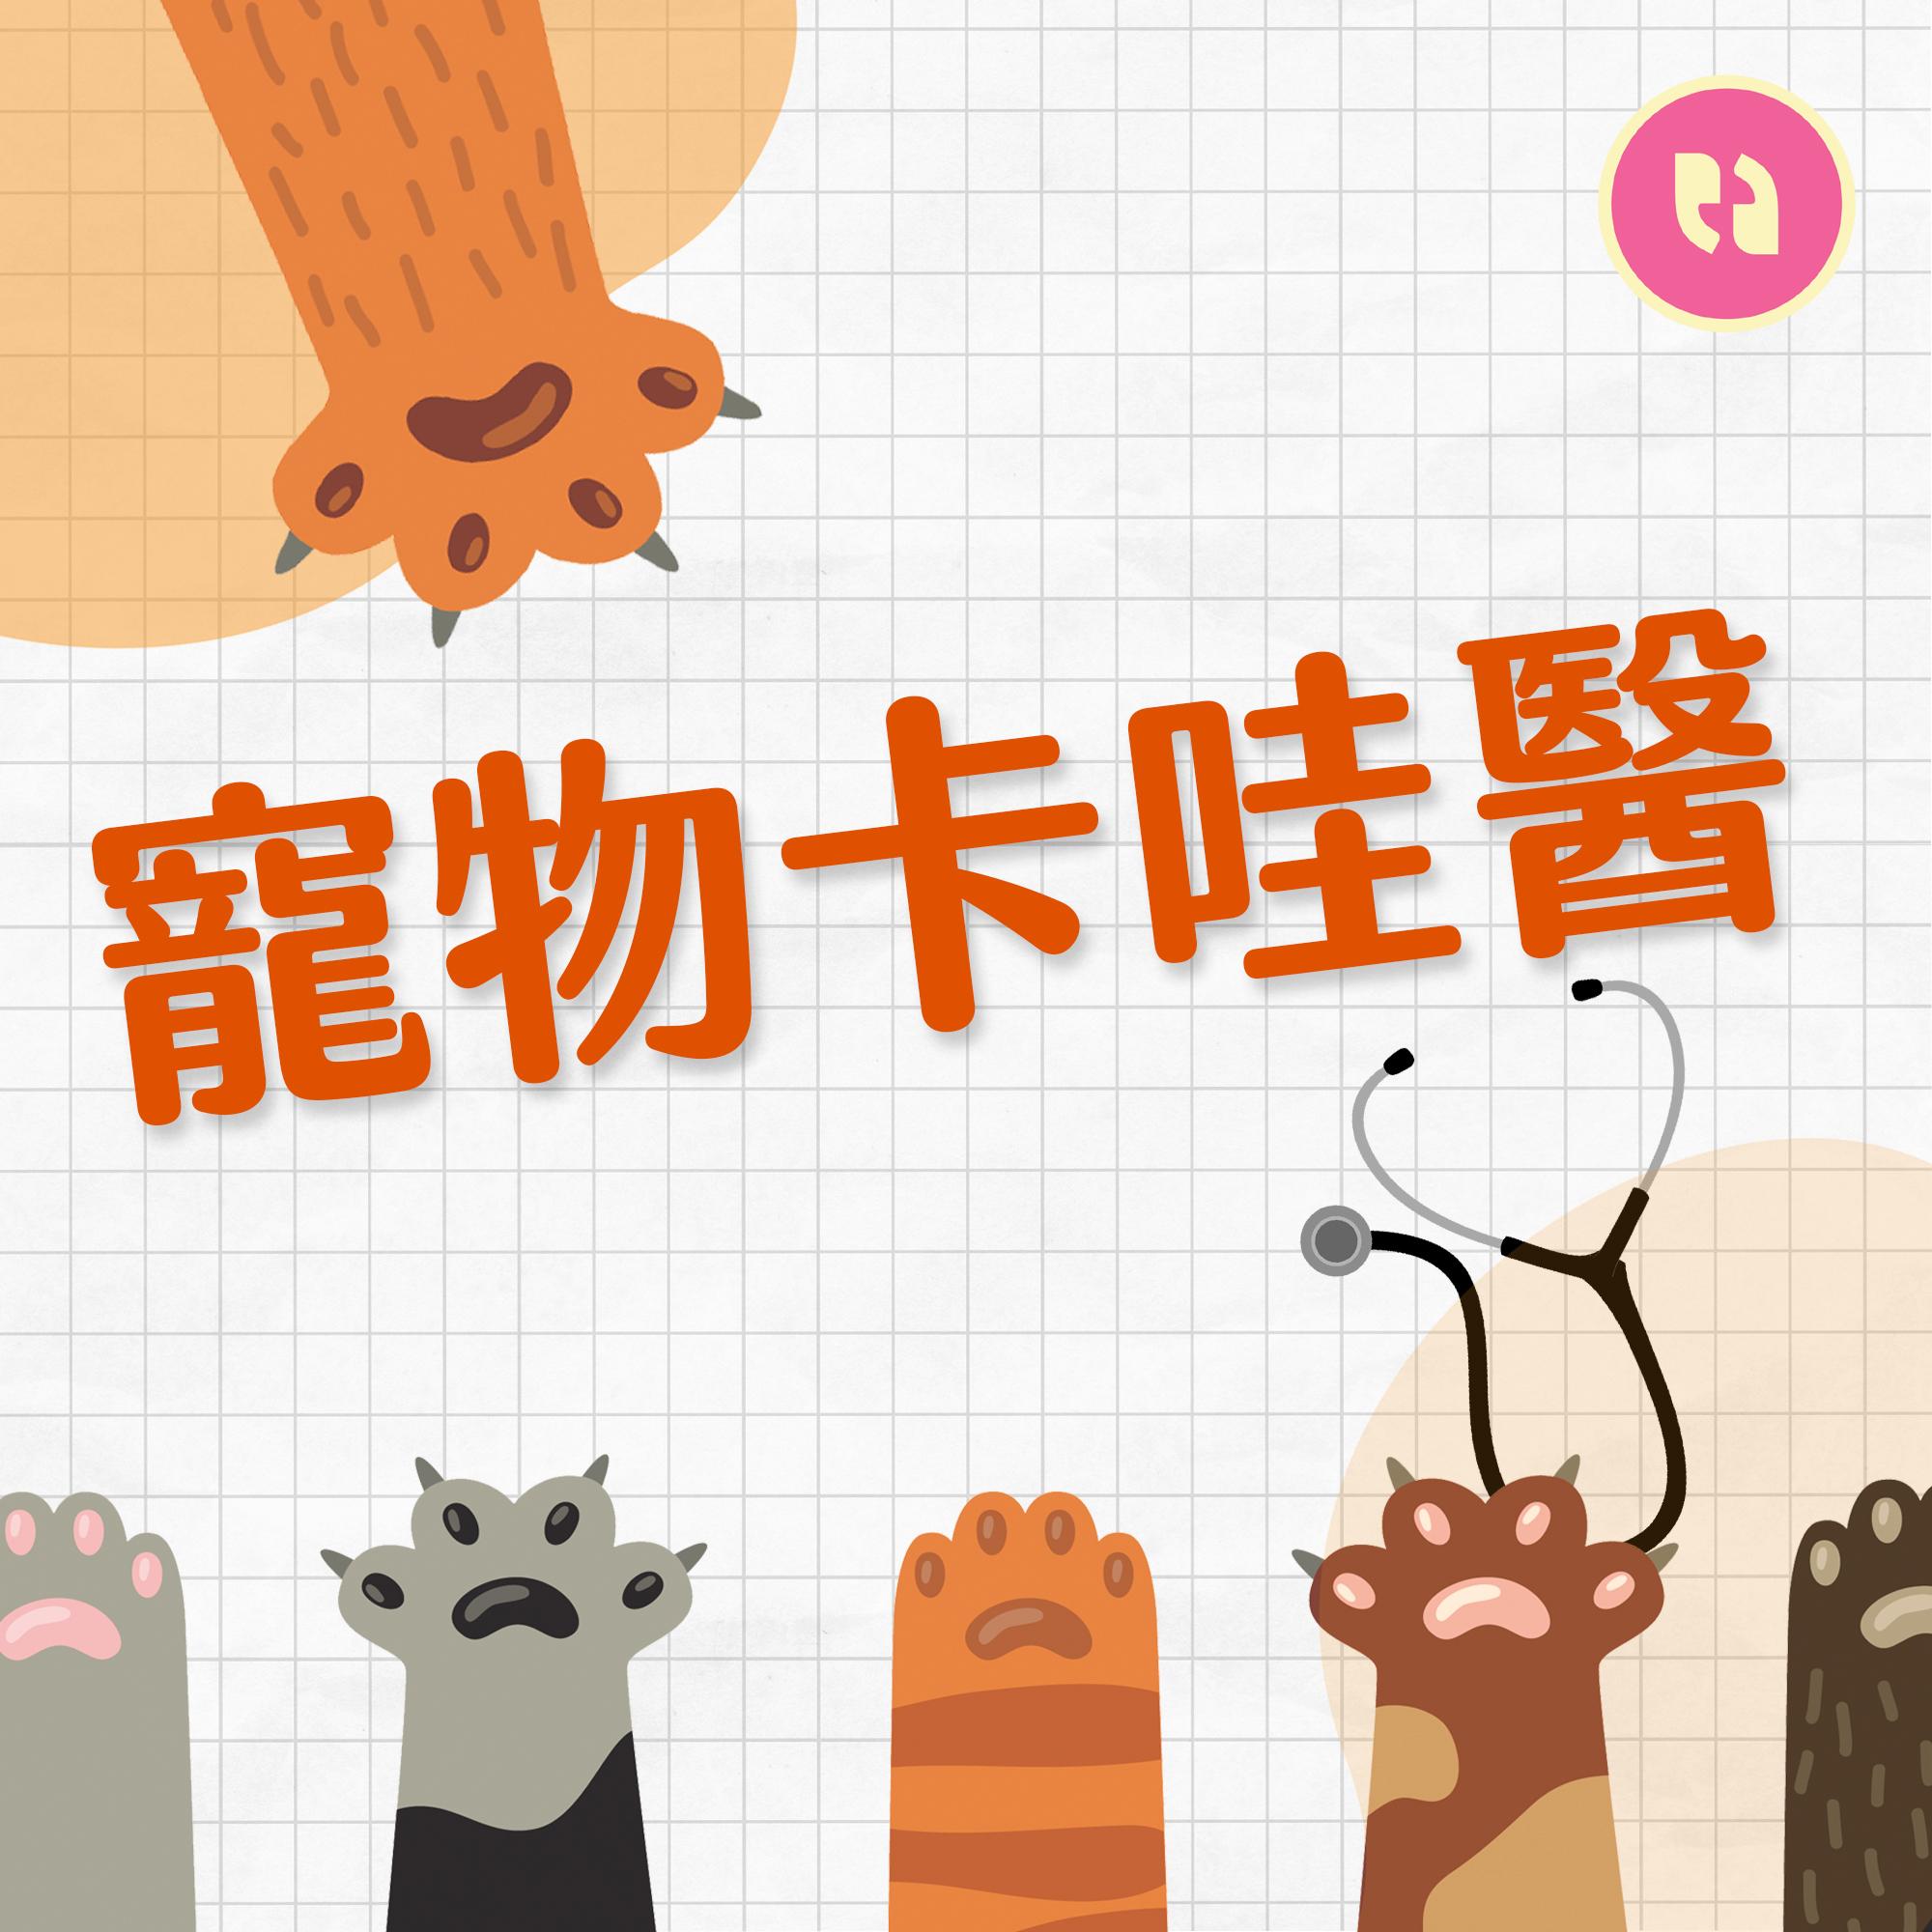 寵物卡哇醫|守護野生動物的健康!動物園獸醫師是高危險工作!